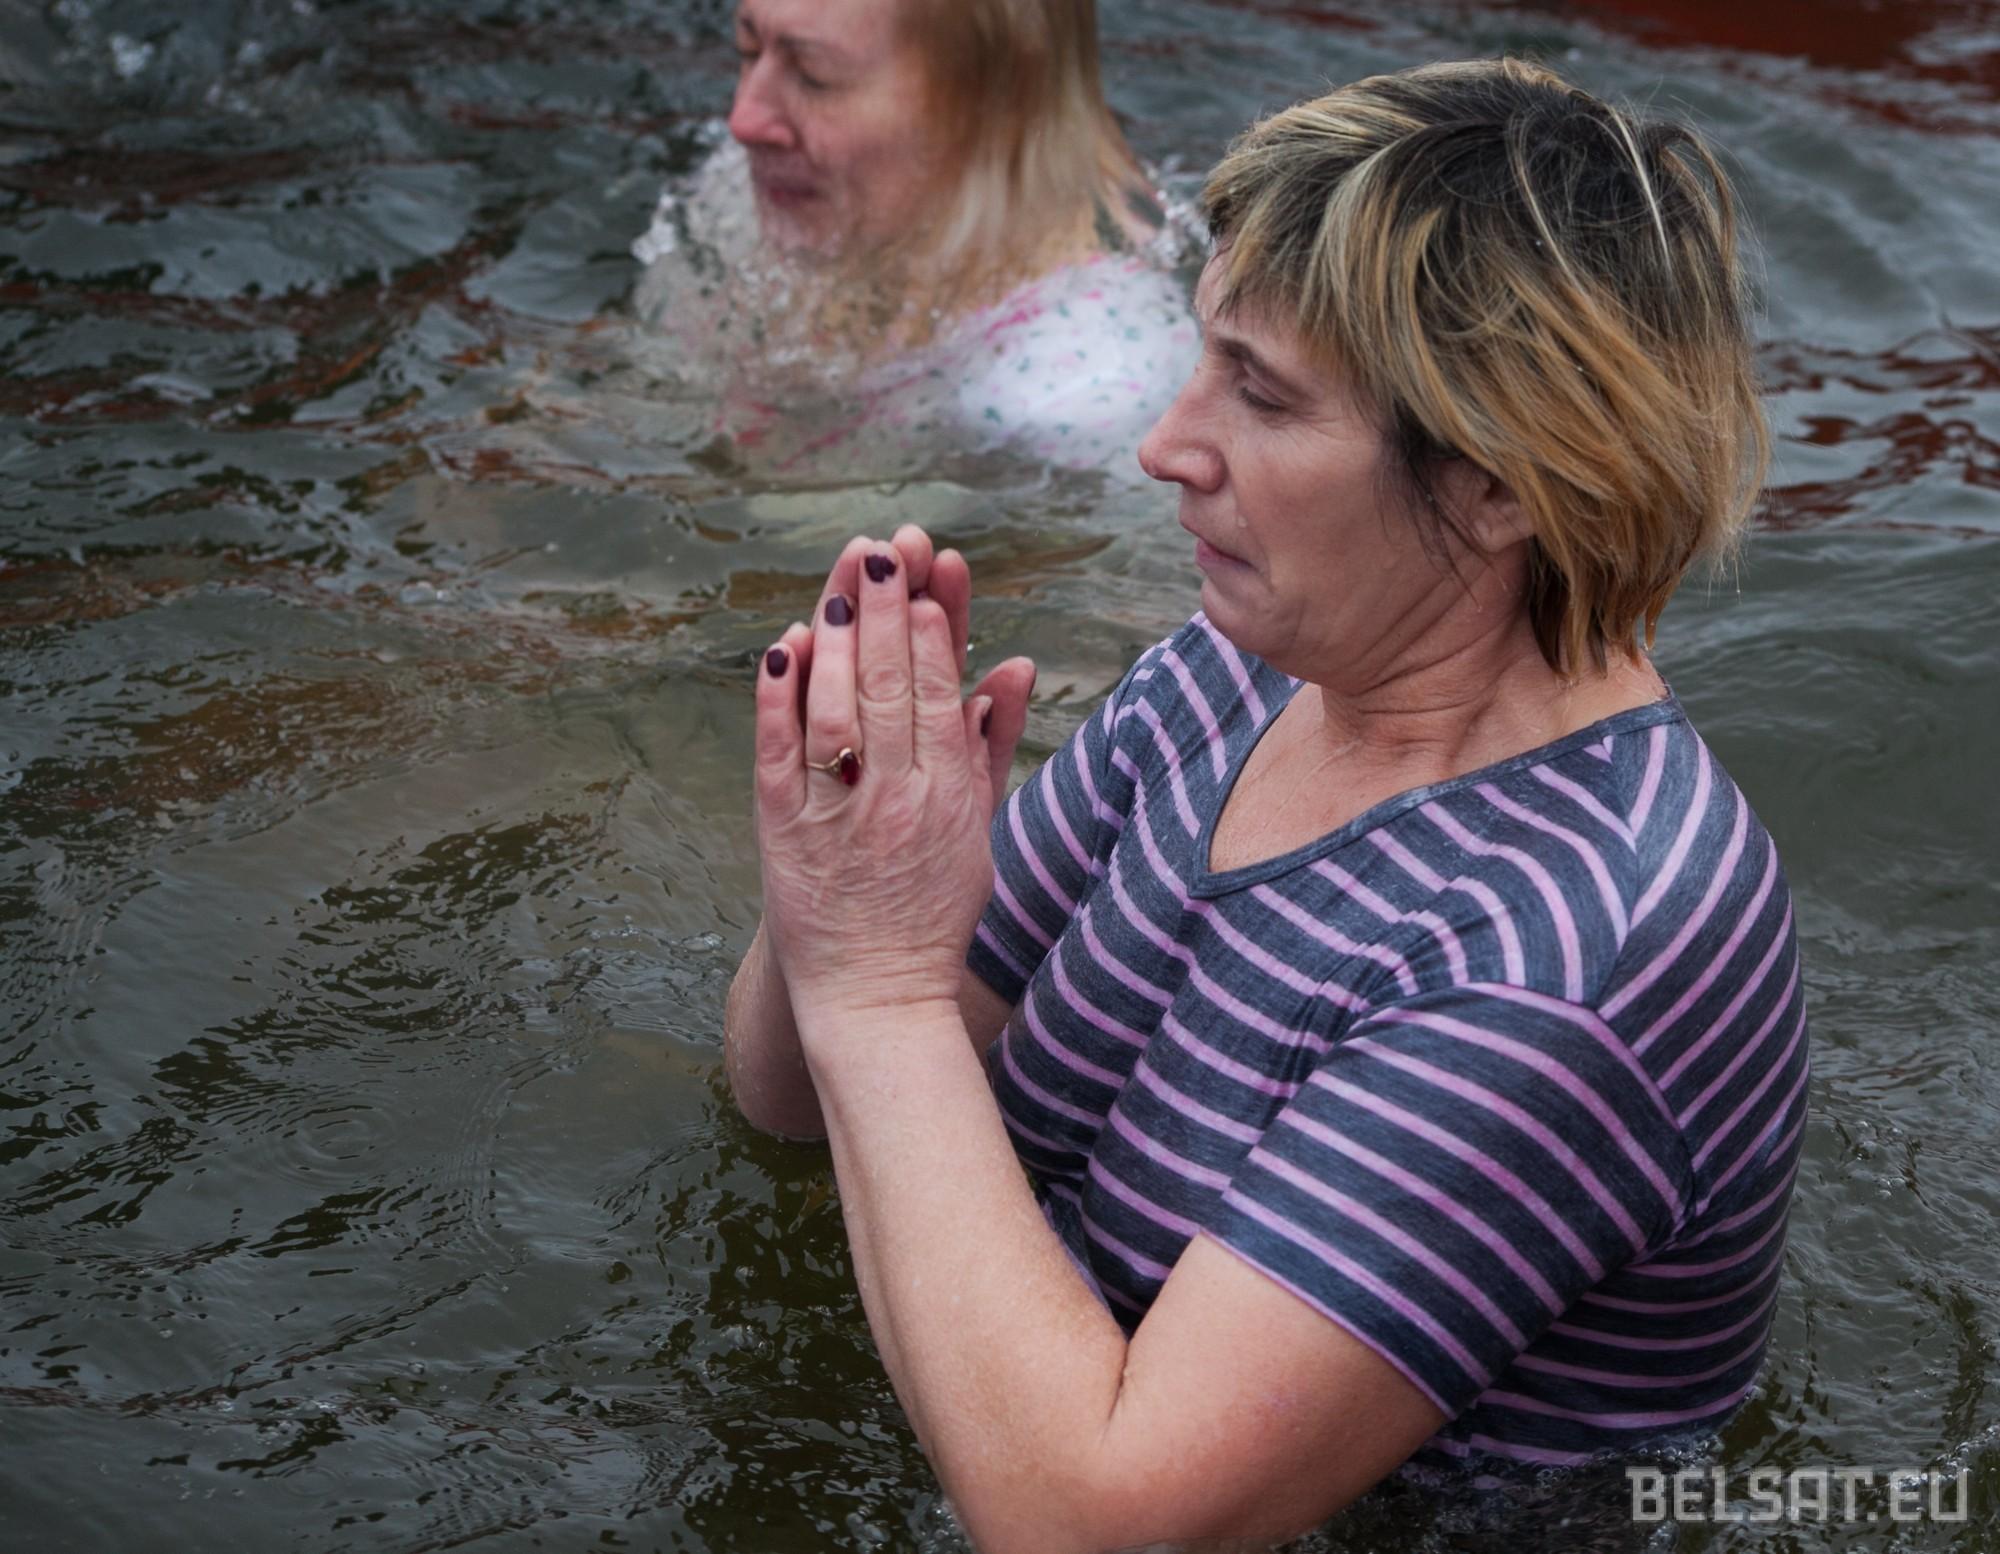 «Трэшчы – не трэшчы, прайшлі Вадахрэшчы». Масавае вадохрышчанскае купанне зладзілі ў Гродне